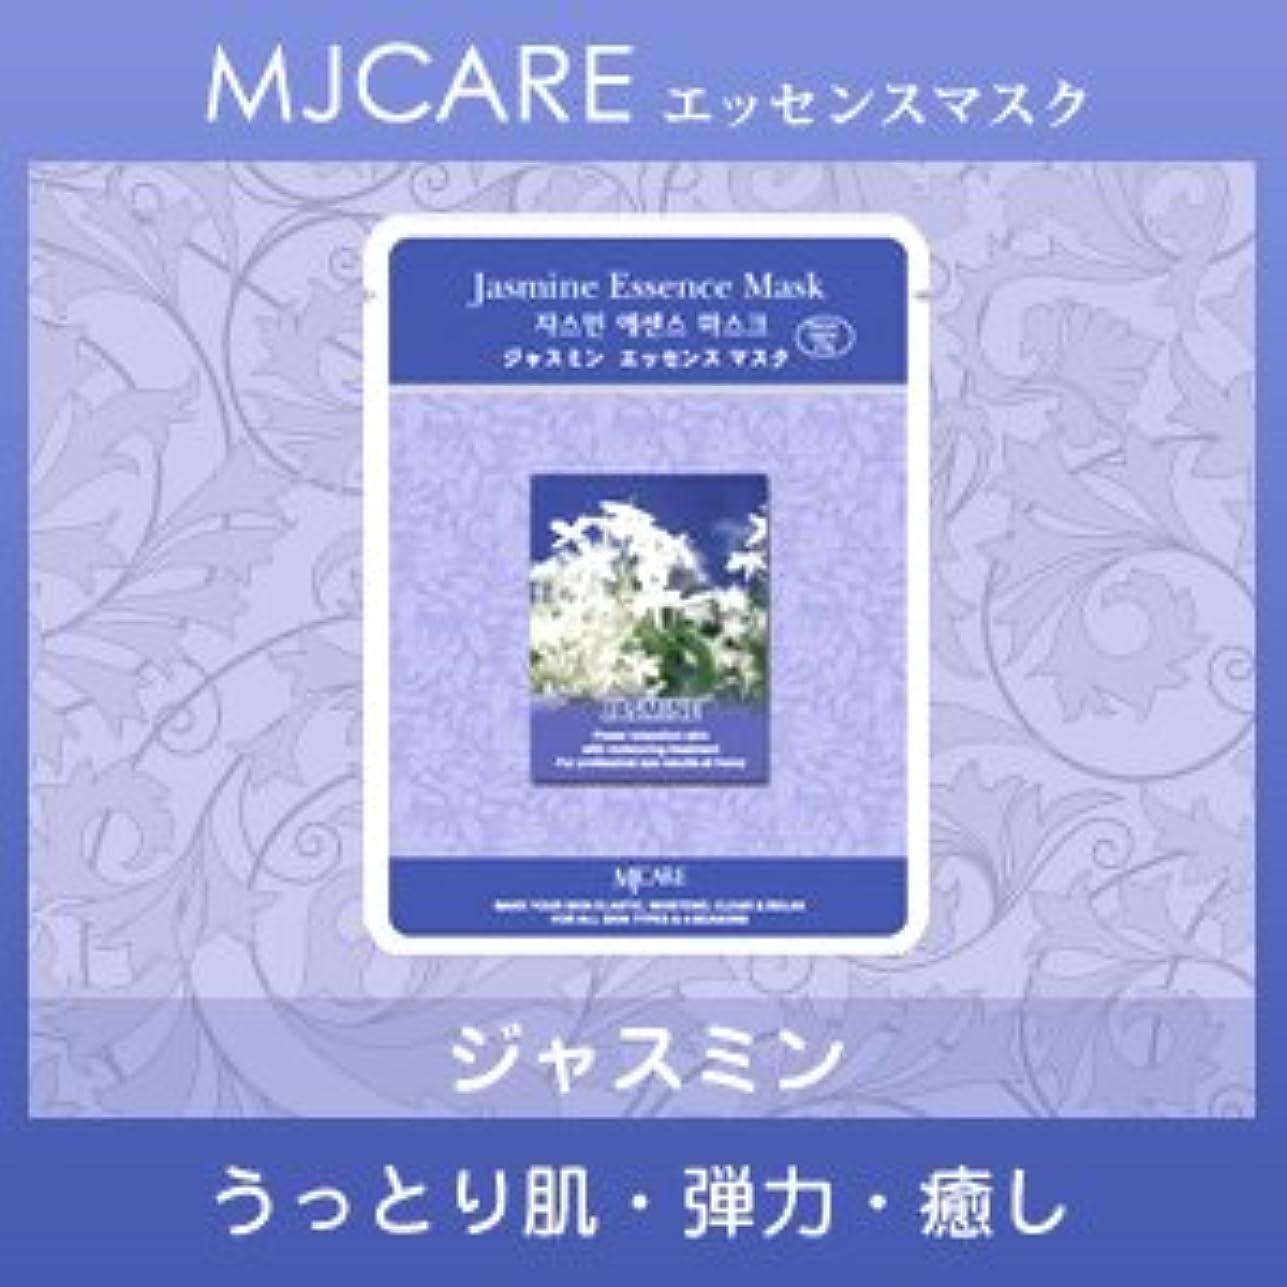 人気簡単に有害なMJCARE (エムジェイケア) ジャスミン エッセンスマスク